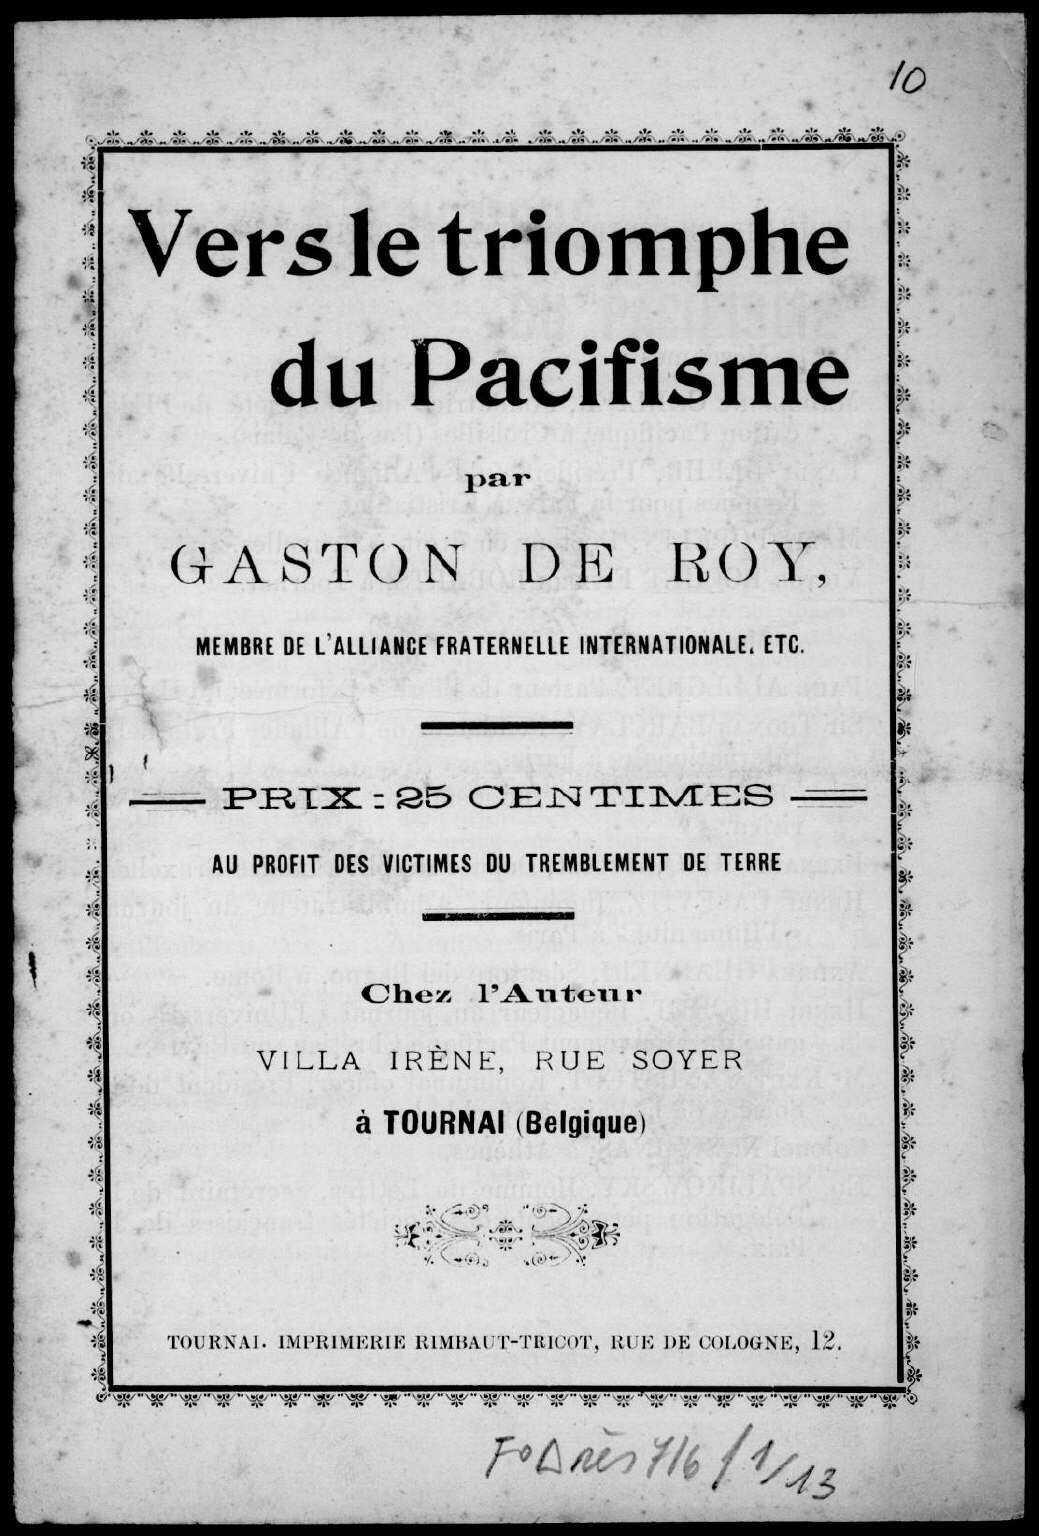 Gaston de Roy